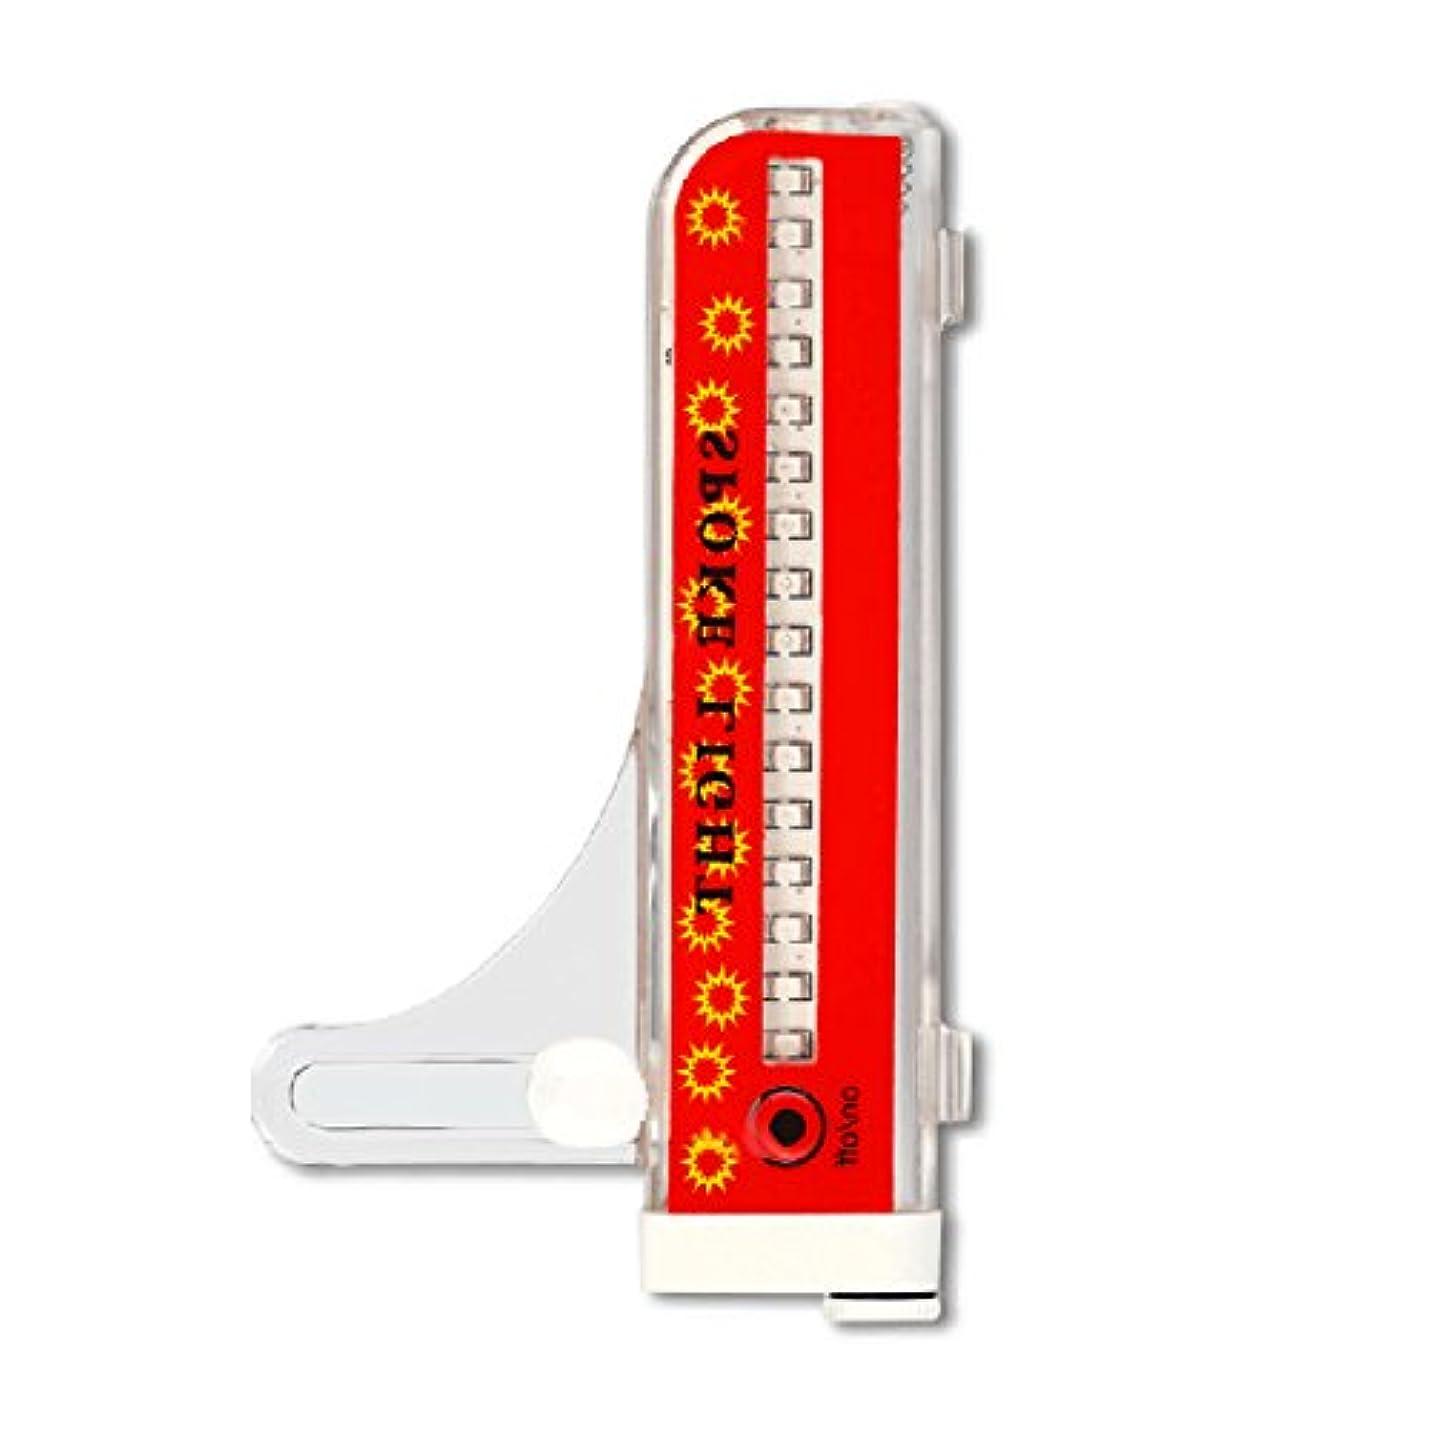 パンダ引き算現代Runcircle LED自転車ホイールライト スポークLEDライト ダブルディスプレイ 21モード 3s/一回 32 RGB LEDライト 車輪ライト サイクルライト ドレスアップ 点灯 点滅 サークル レース 自転車競技 自転車タイヤ ホイールライト アクセサリー カラフル 夜間走行